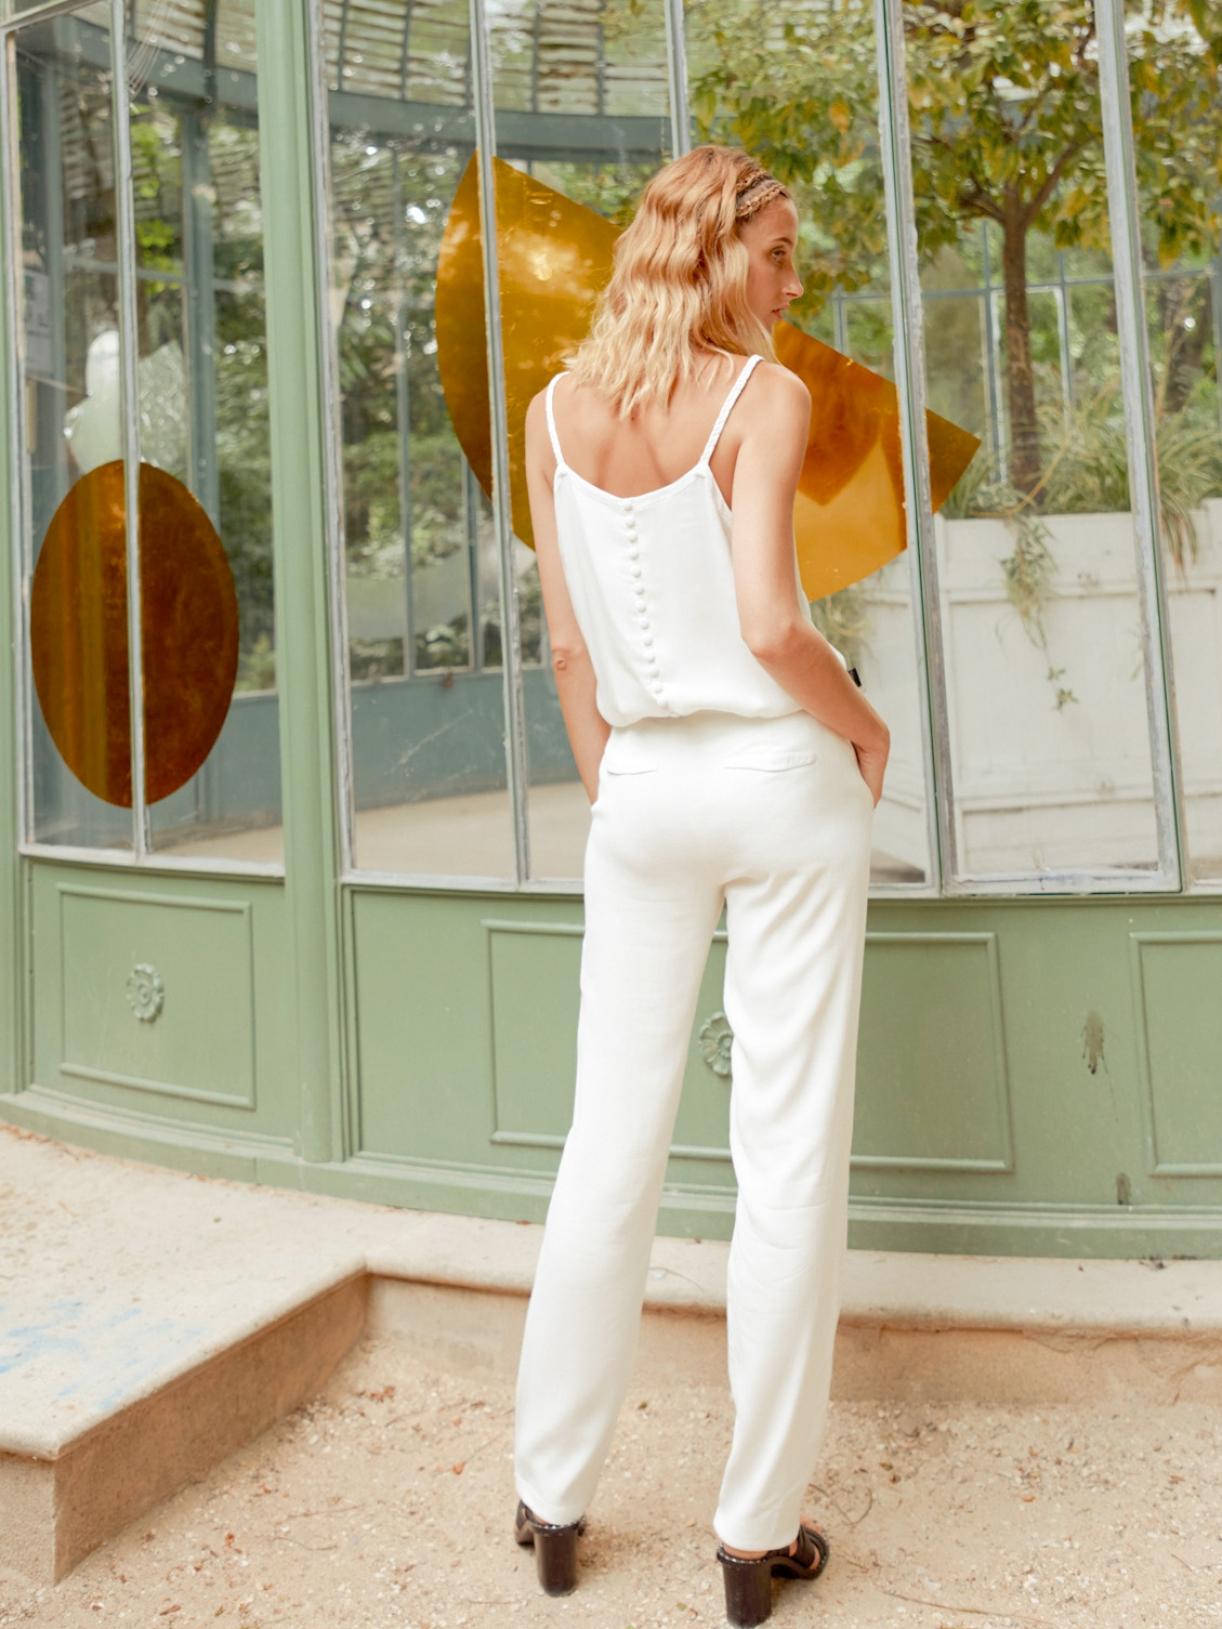 Lulomoon - Tailleur de mariée femme blanc  - Robe de mariée créateur et sur-mesure pas cher a Paris - Myphilosophy